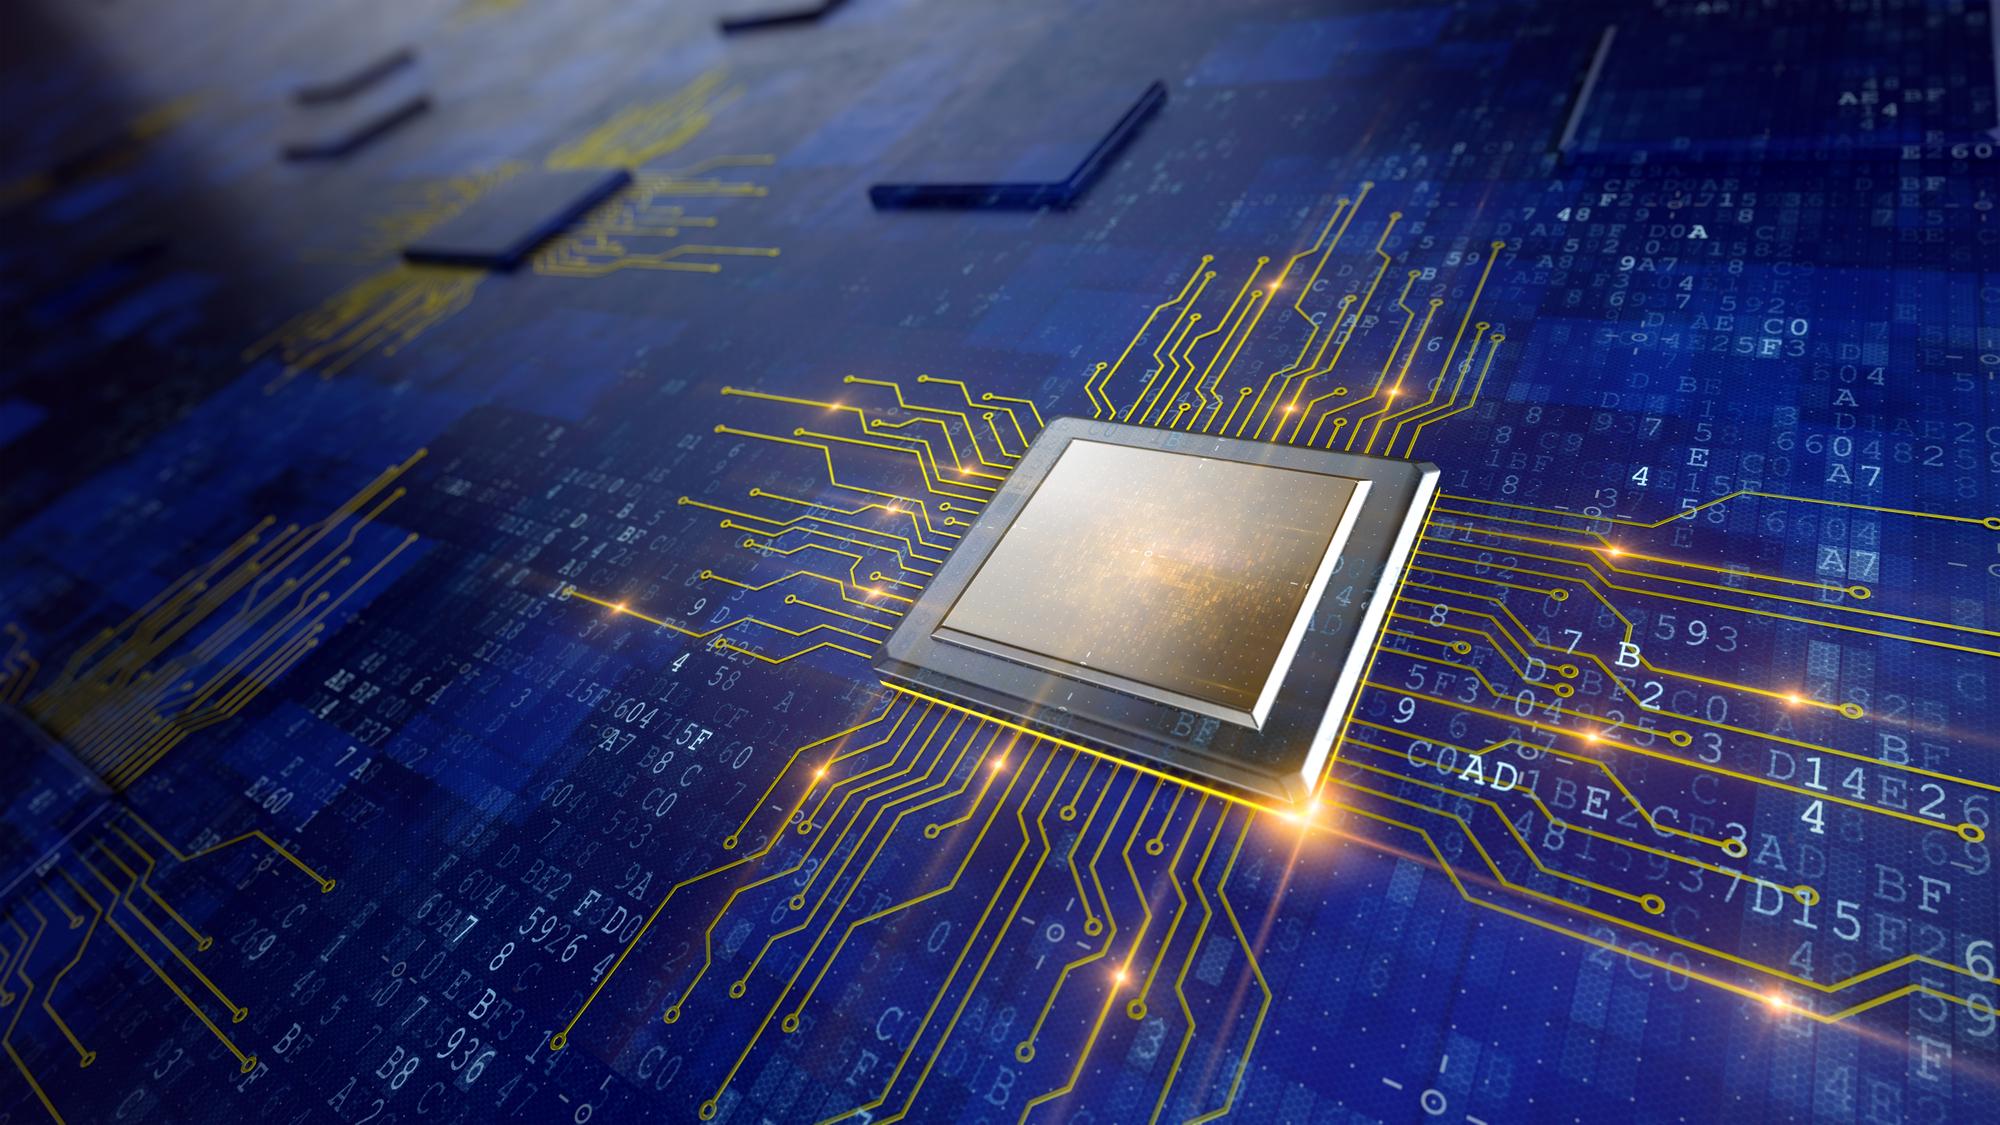 集成电路   芯片制造   中科院微电子所    制造/封测